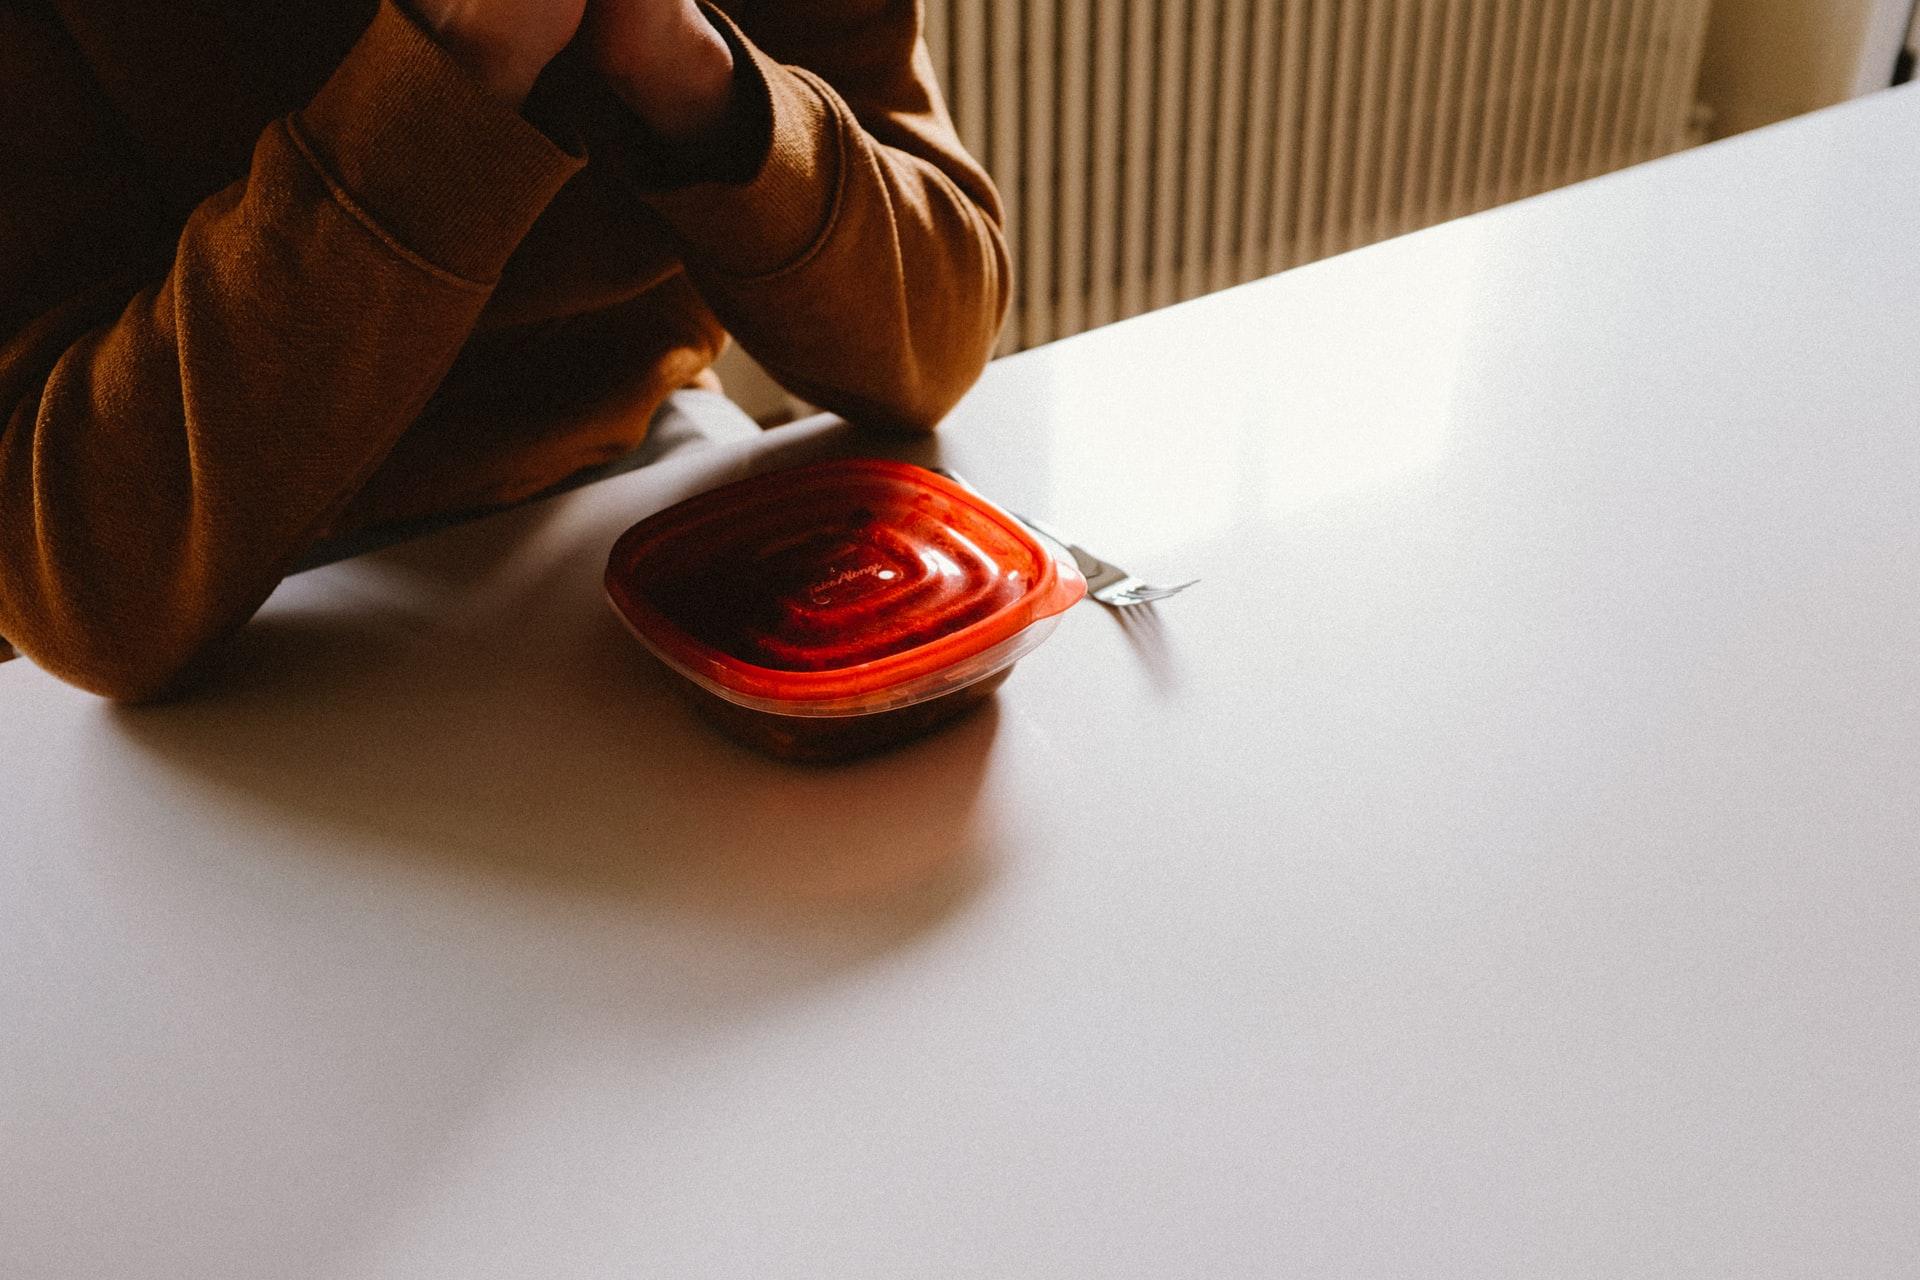 Ser Revendedora Tupperware Vale a Pena? Confira nossas impressões (Imagem: Charles Deluvio/Unsplash)